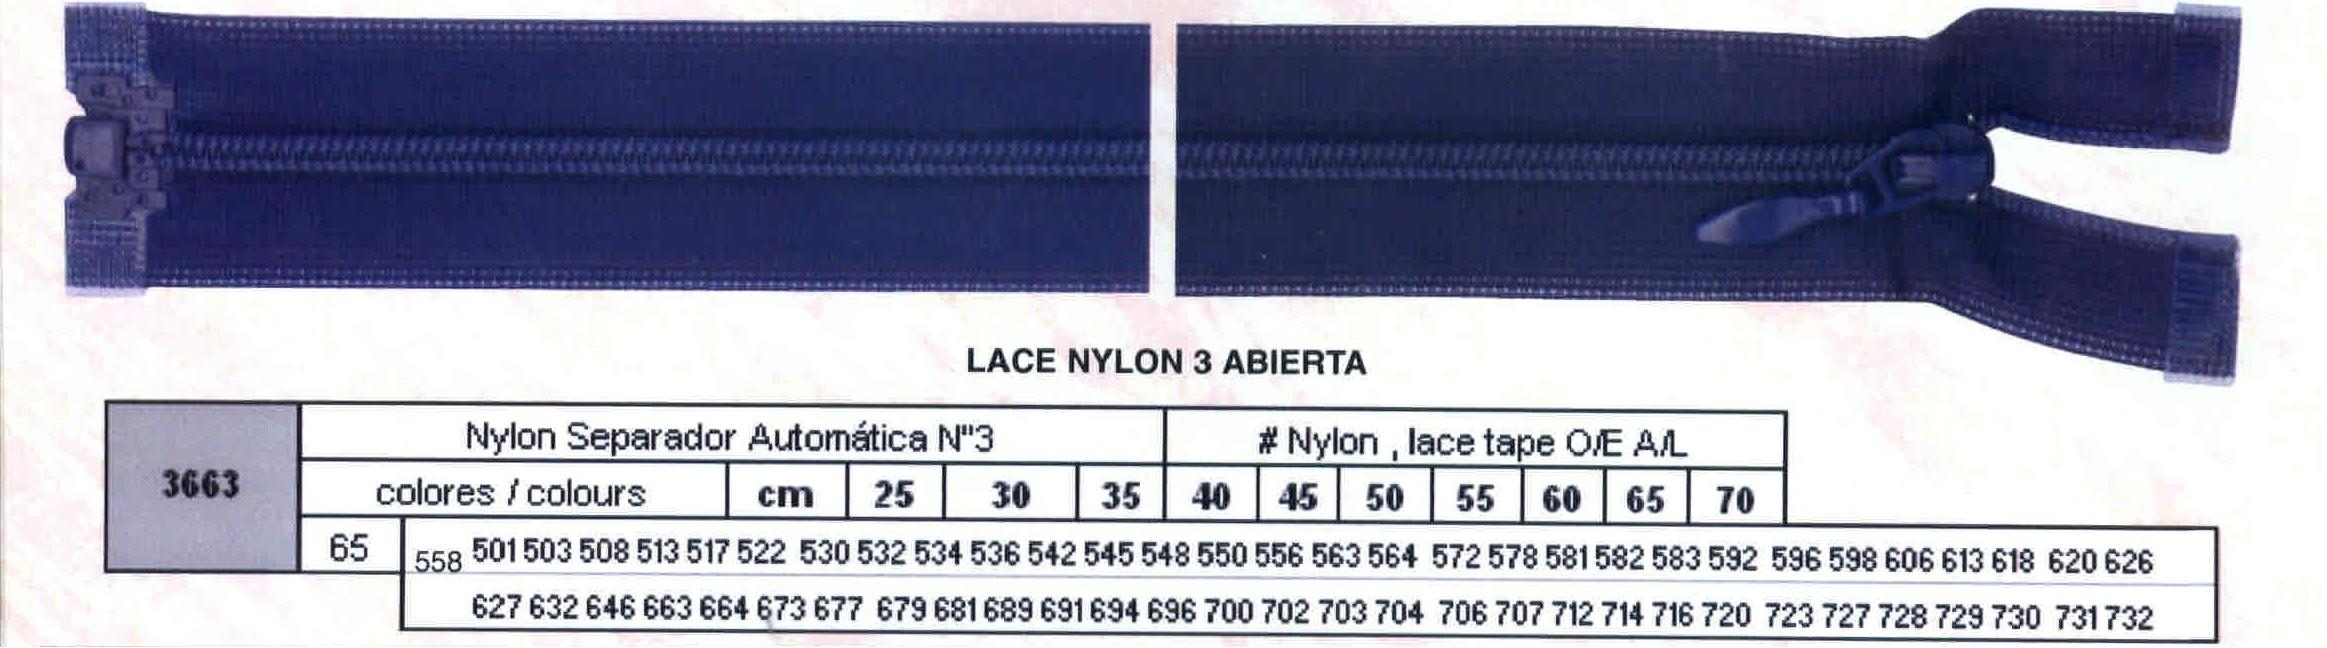 Cremallera SNS Nylon Separador Automática num.3 Ref. 003663